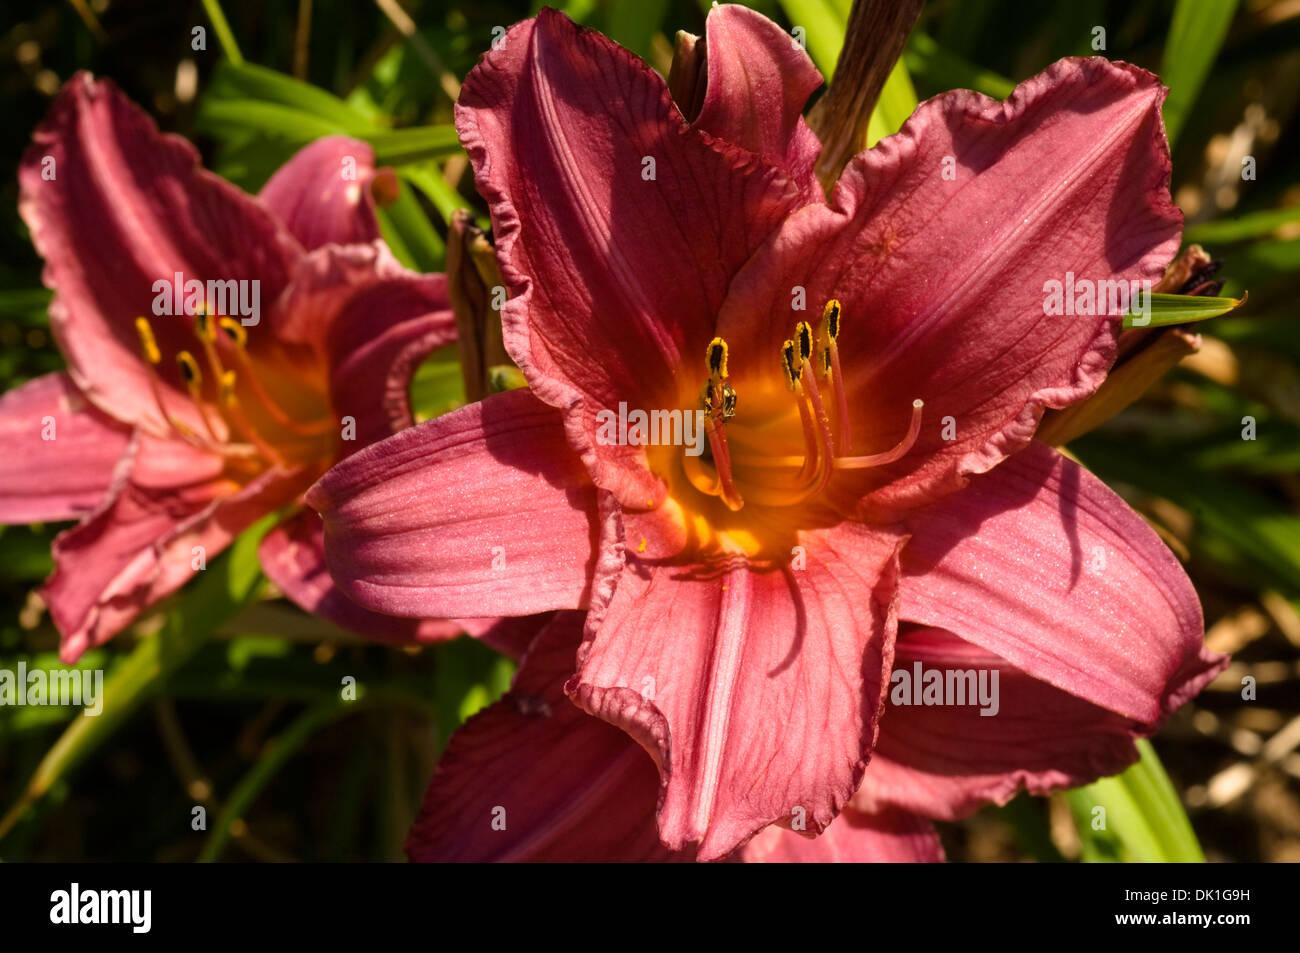 Fiori Gialli Borgogna.La Borgogna E Giglio Giallo O Lilium Fiore Closeup Foto